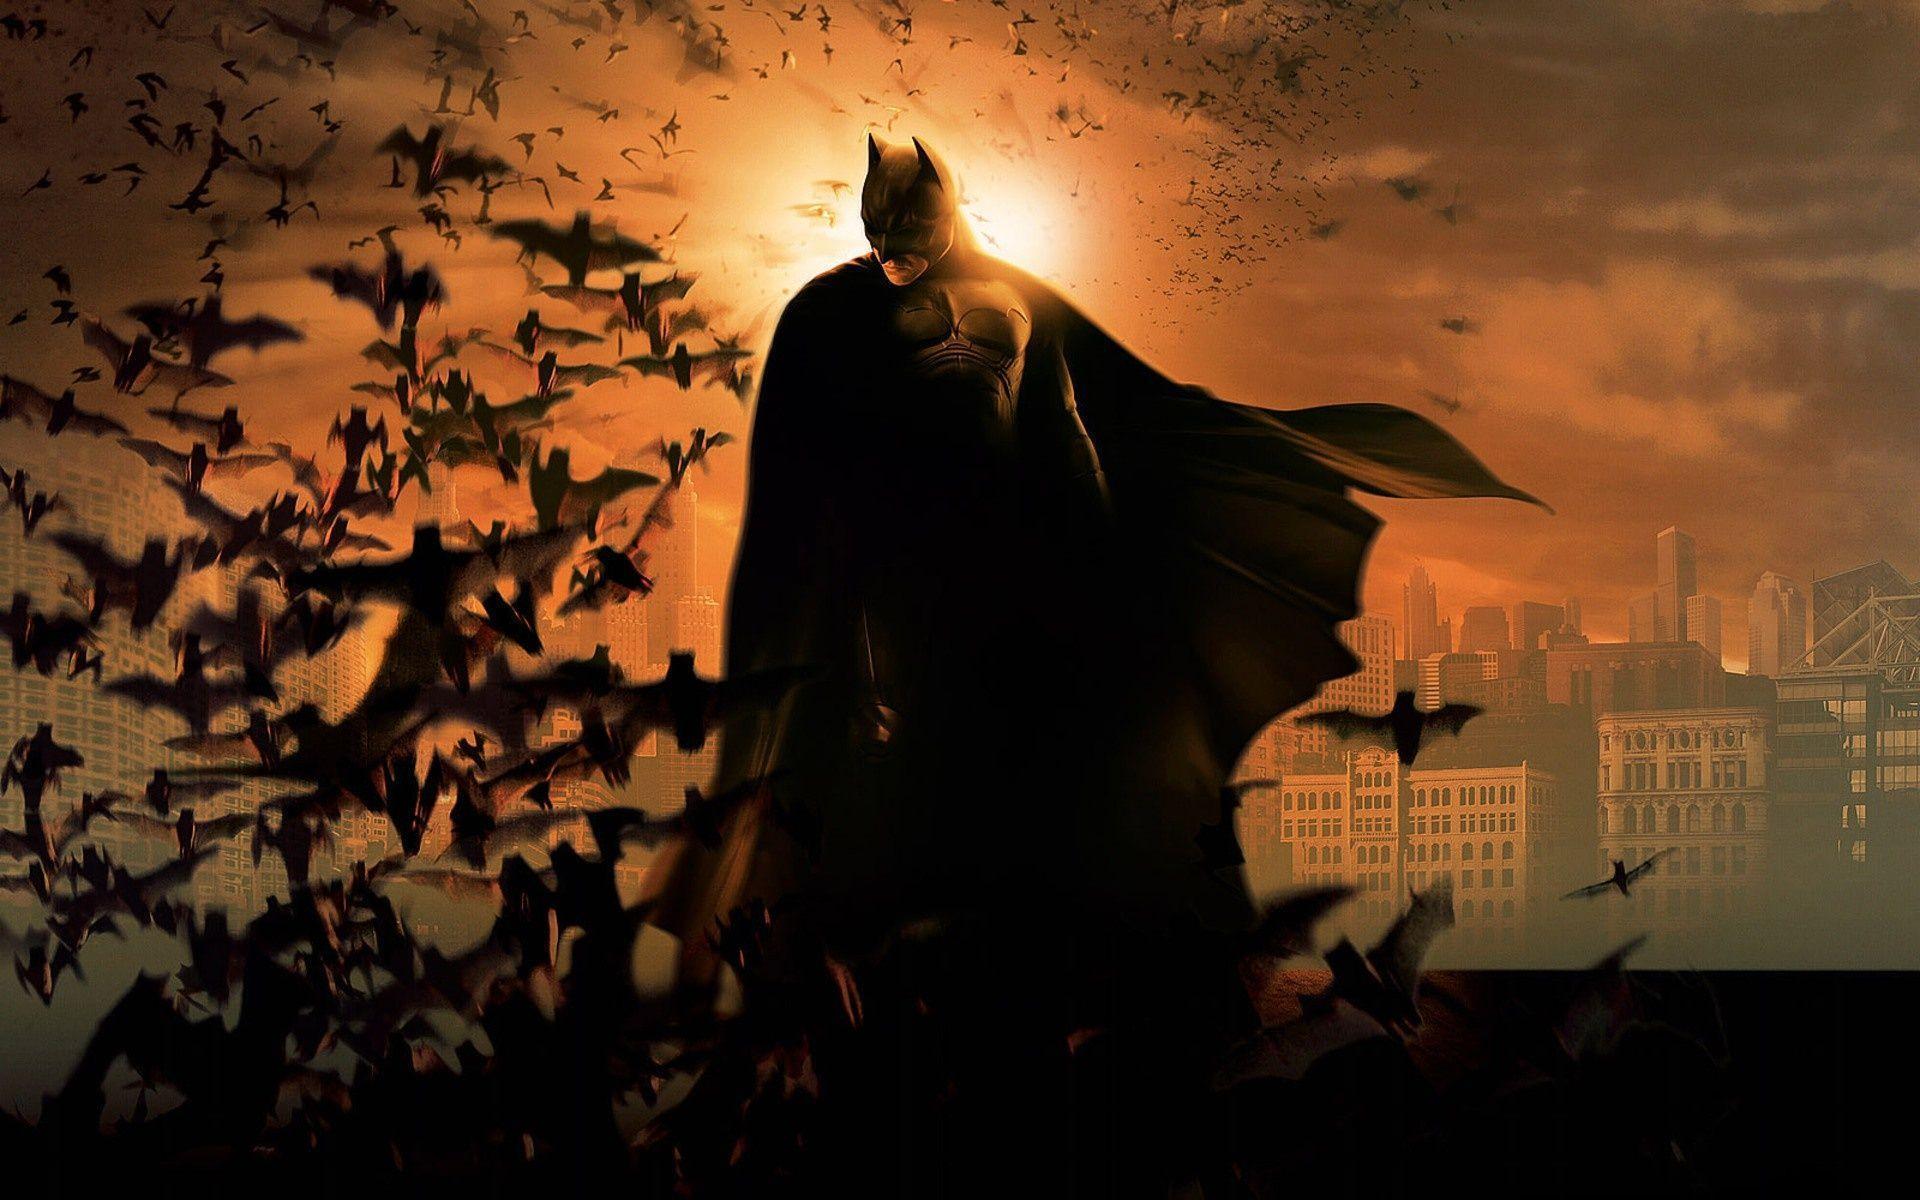 بالصور خلفيات باتمان , صور البطل الخارق محبوب الاطفال 3538 9